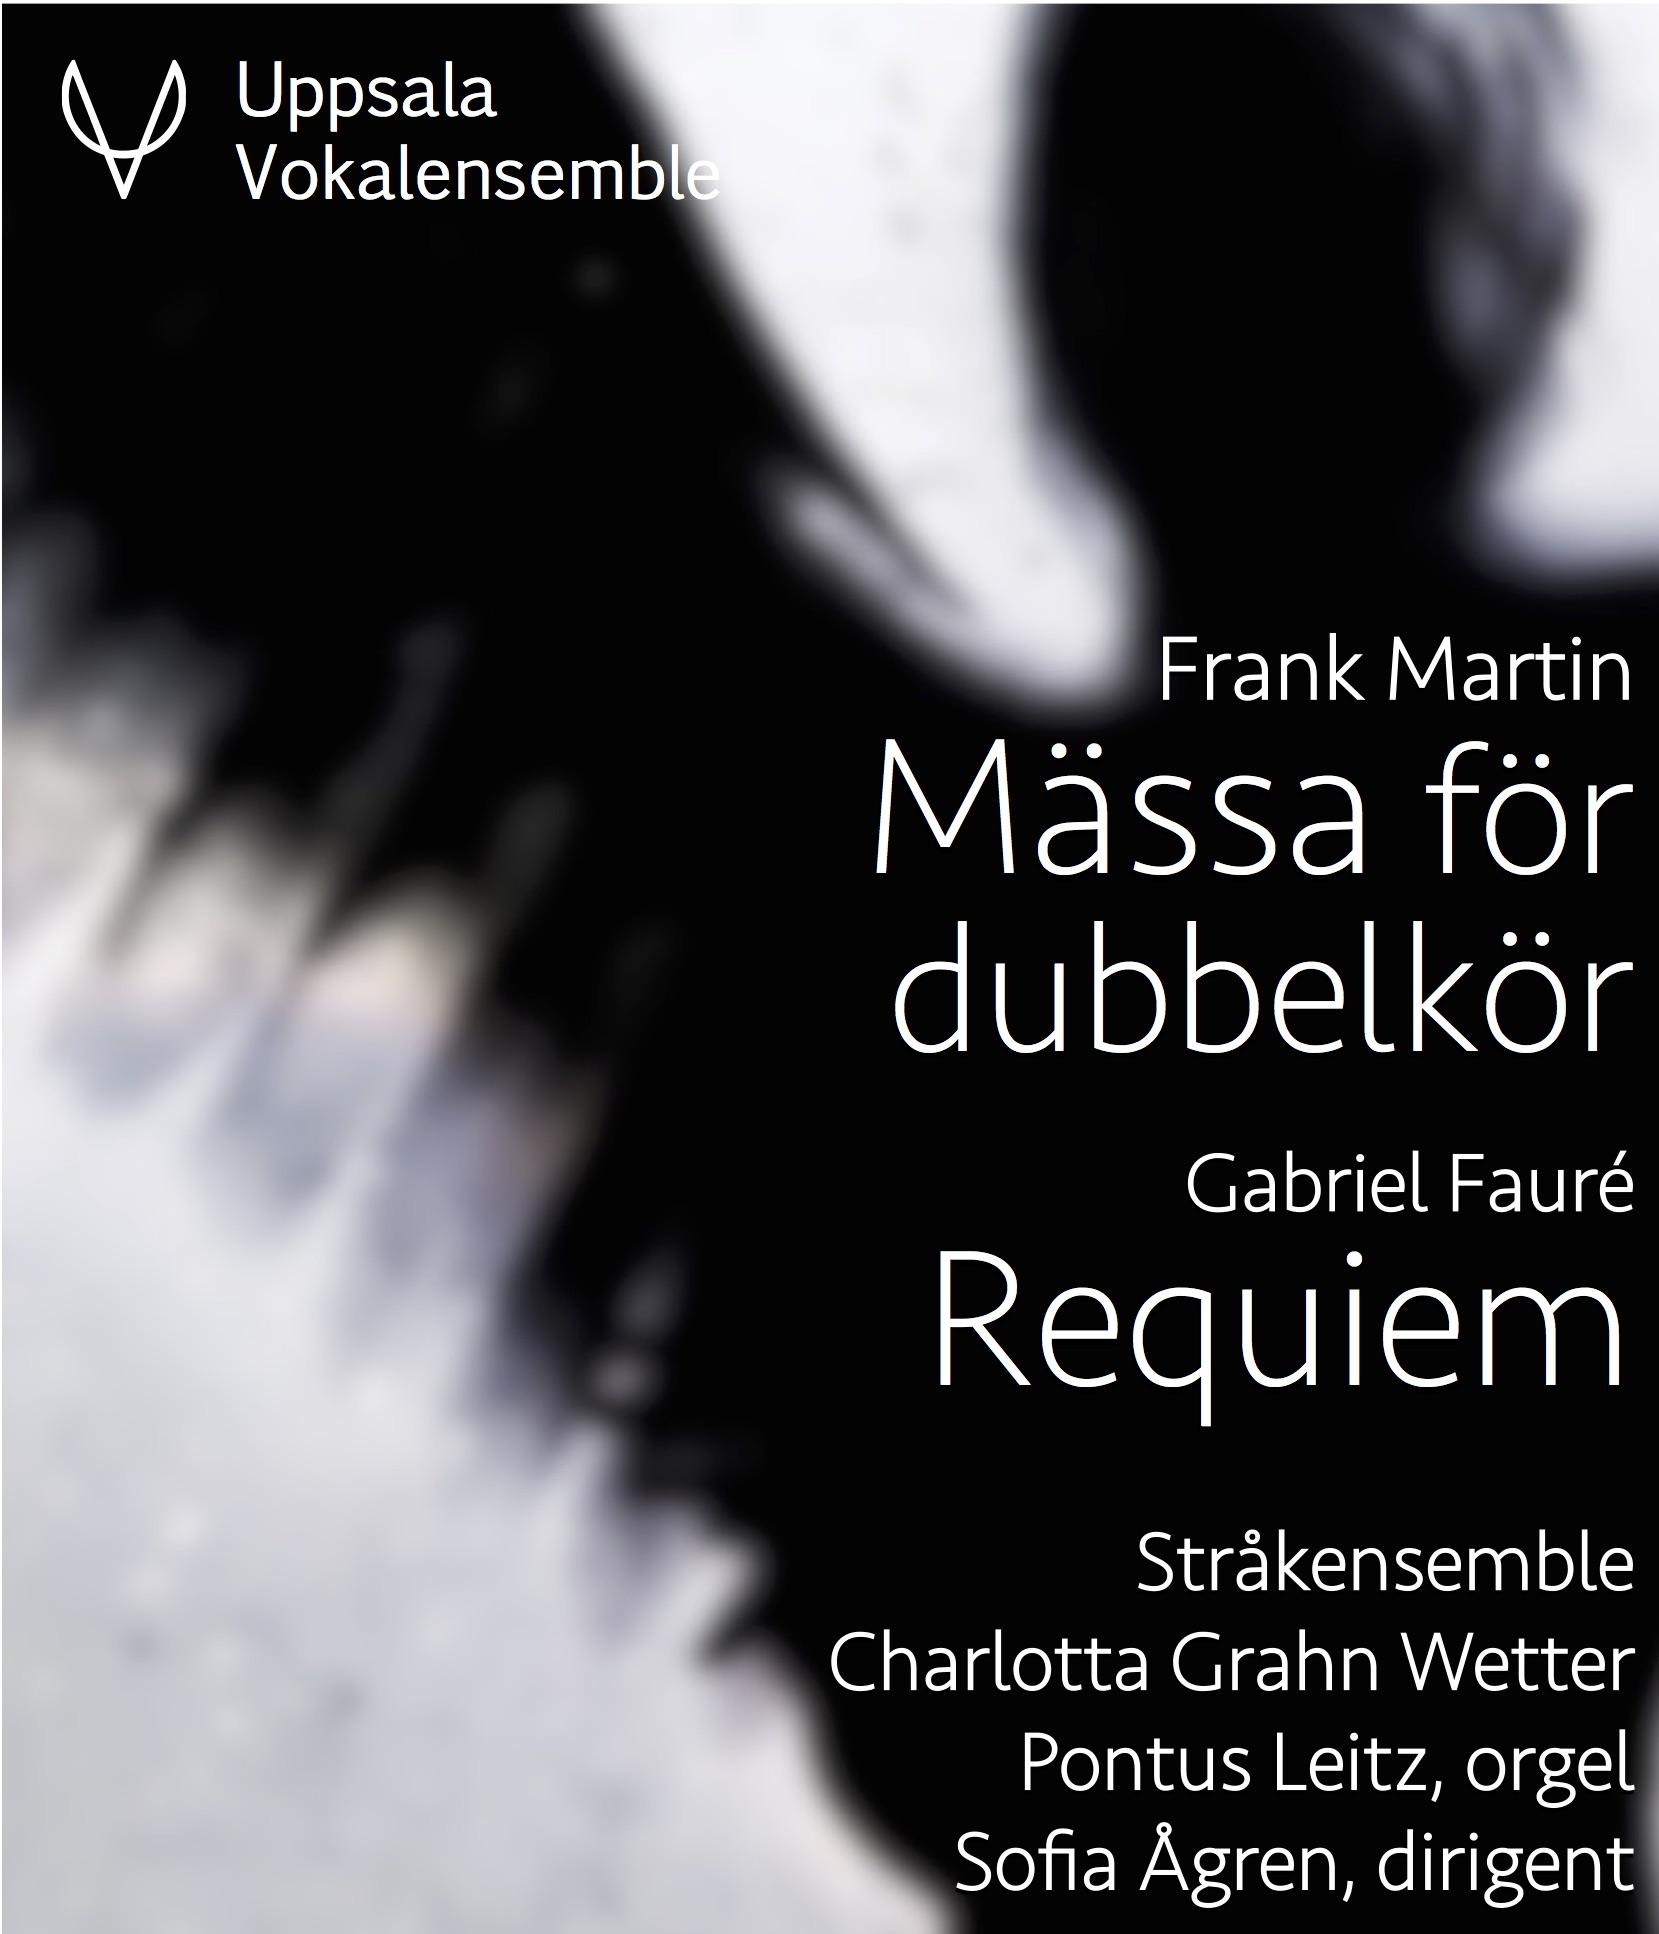 Martins Mässa och Faurés Requiem